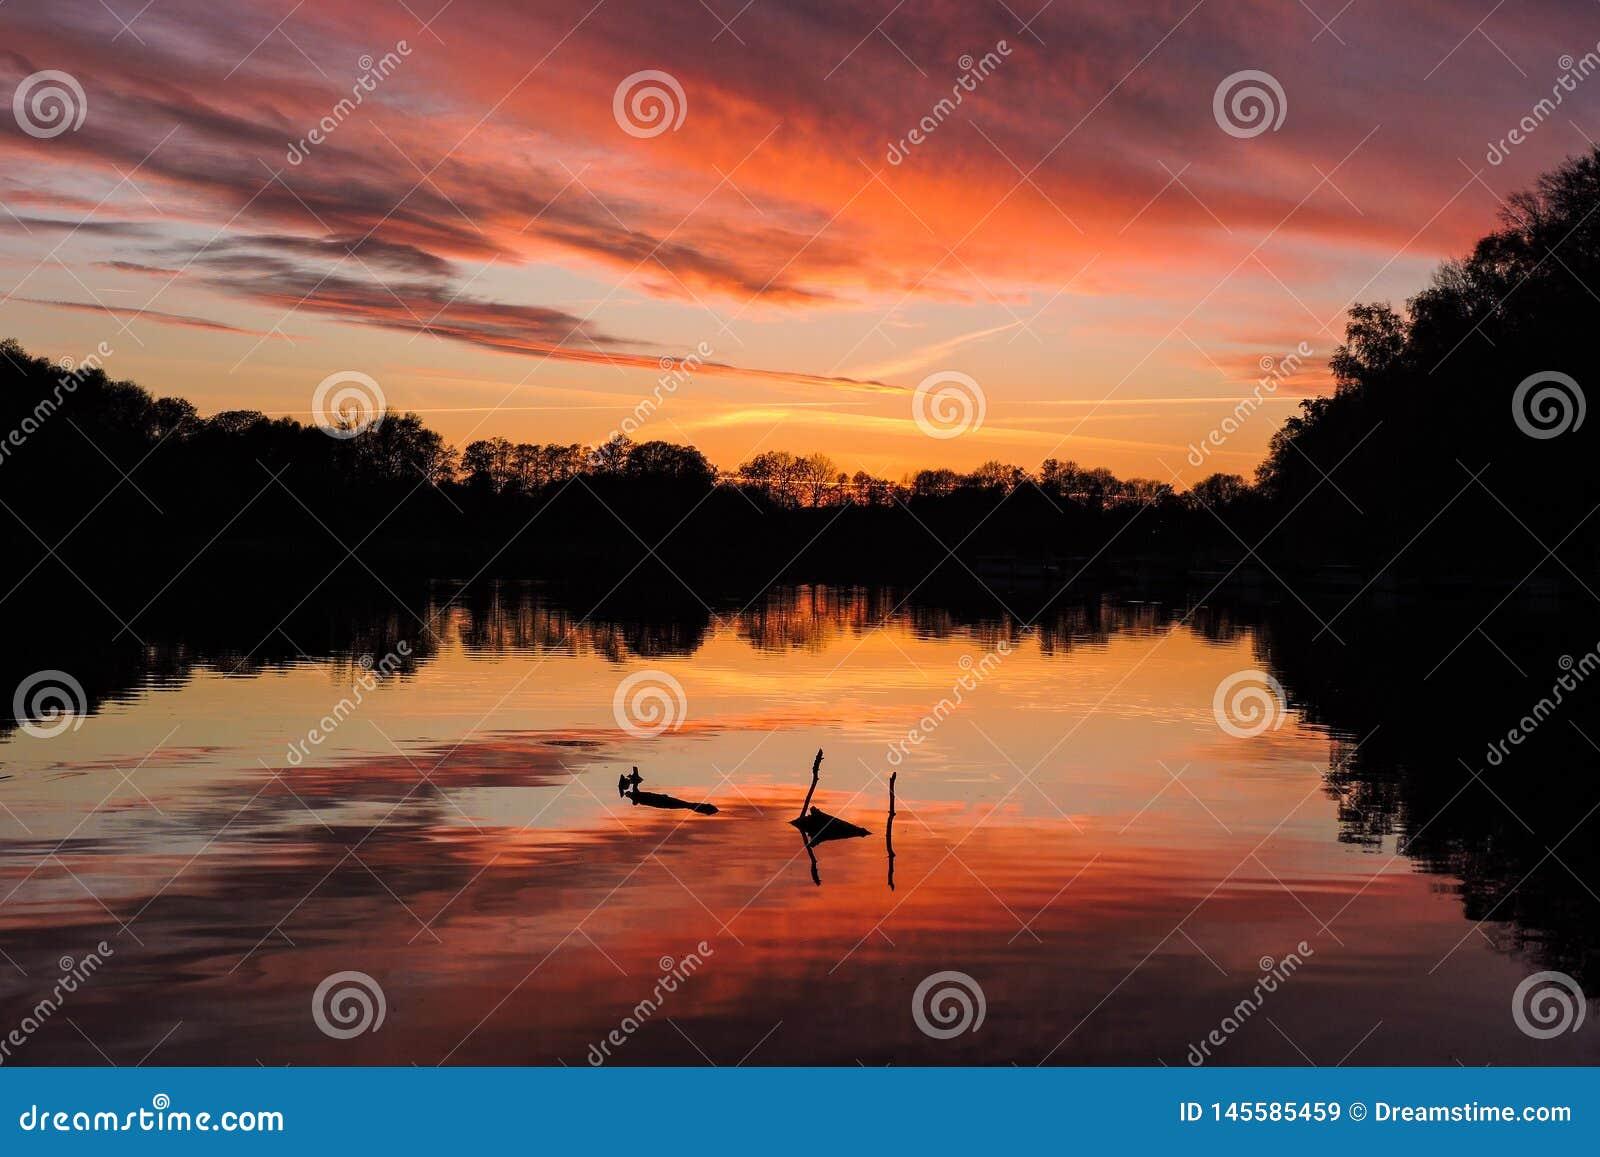 Ljus reflekterad solnedgång på en sjö